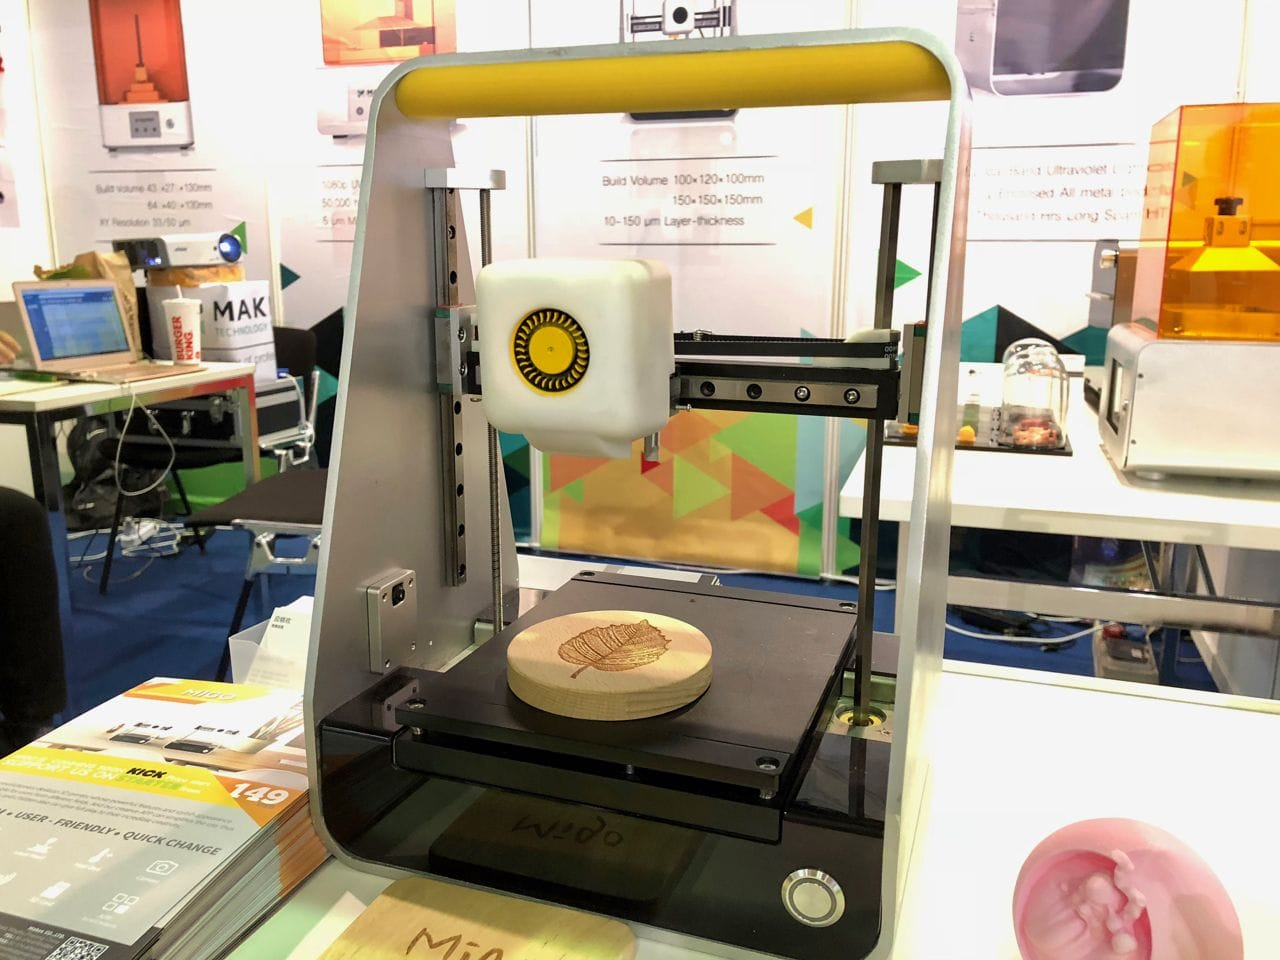 , The MakeX Migo Desktop 3D Printer